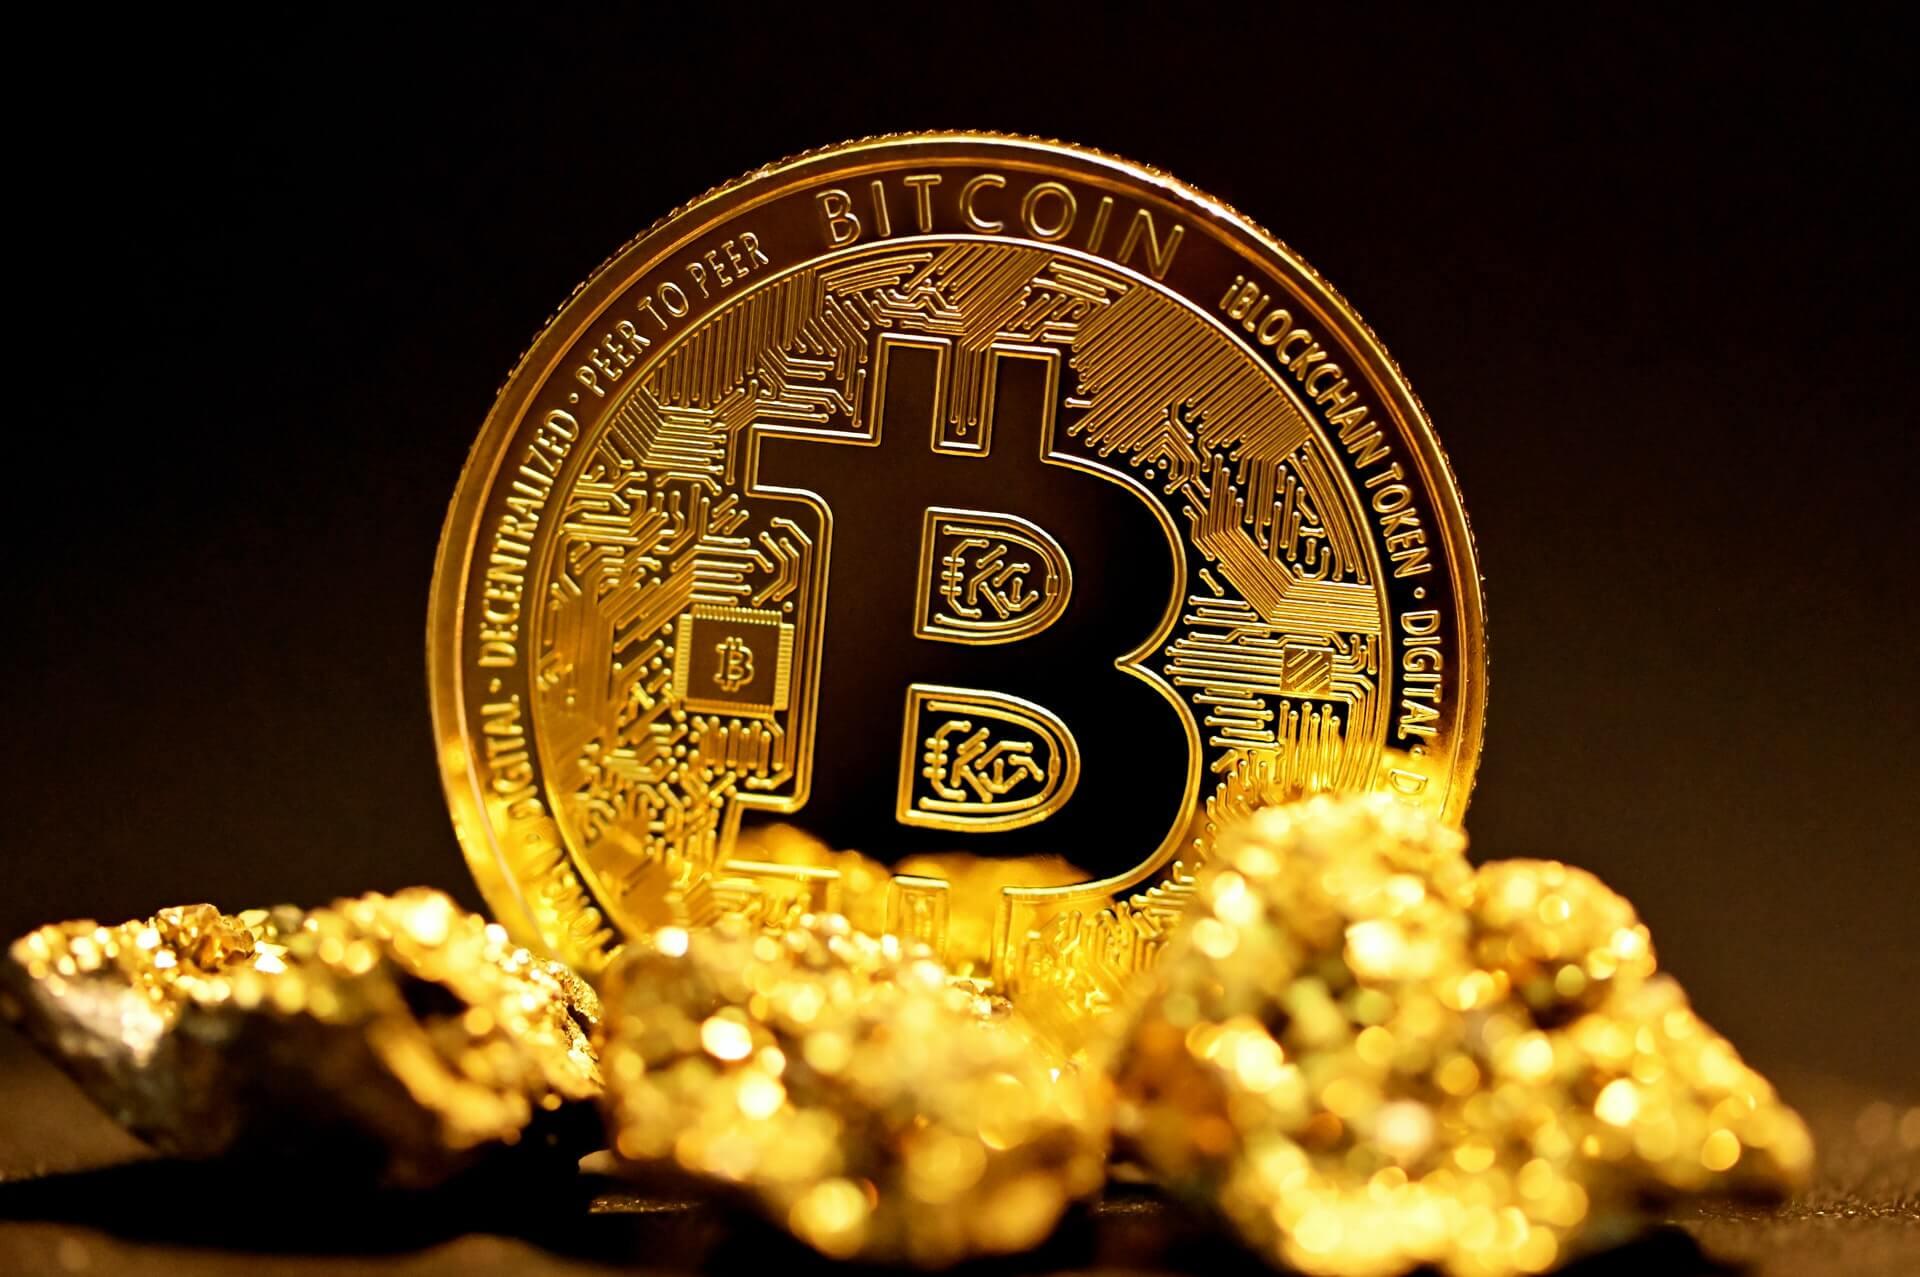 Bitcoin zieht immer mehr Kapital von Gold-Anlegern ab Top-Analyst Mike McGlone